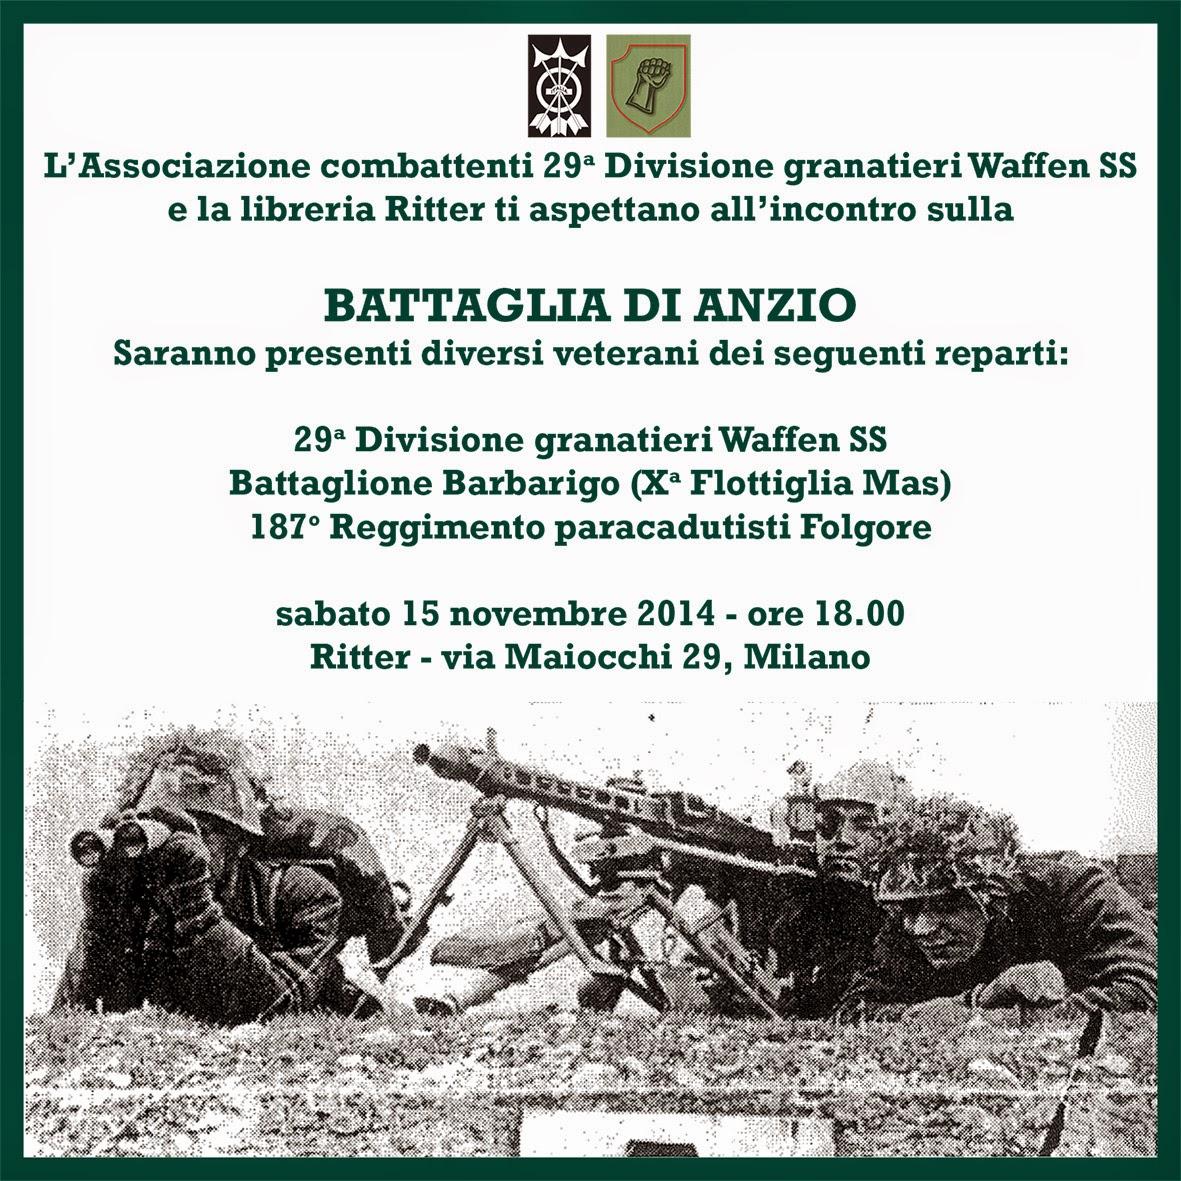 U n c r s i milano la battaglia di anzio ricordata for Battaglia di milano